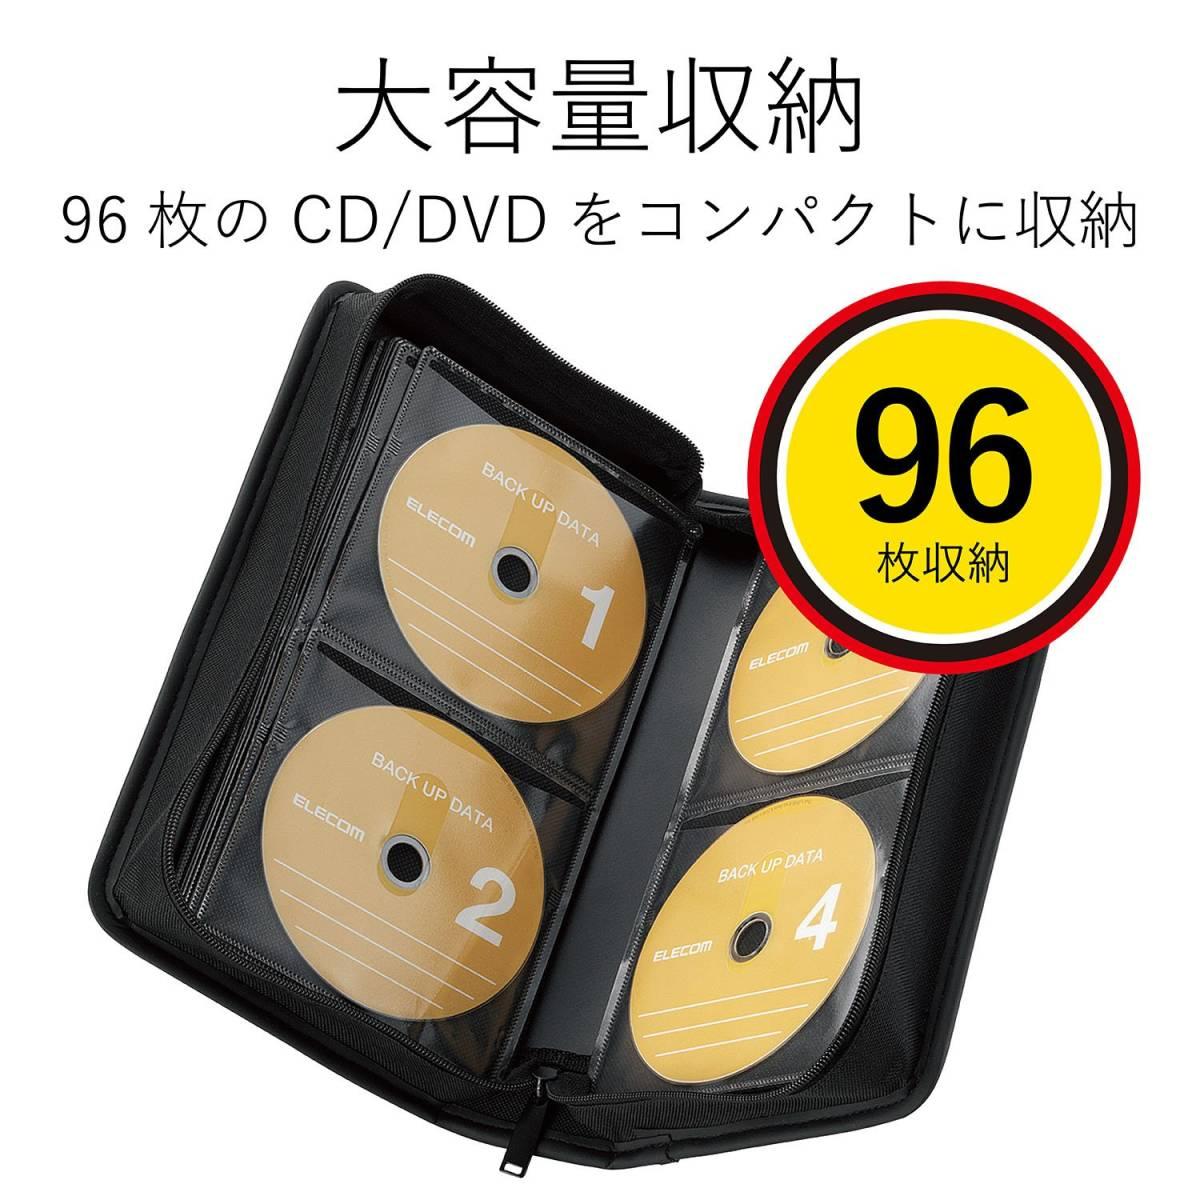 エレコム DVD CDケース ファスナー付 96枚収納_画像4